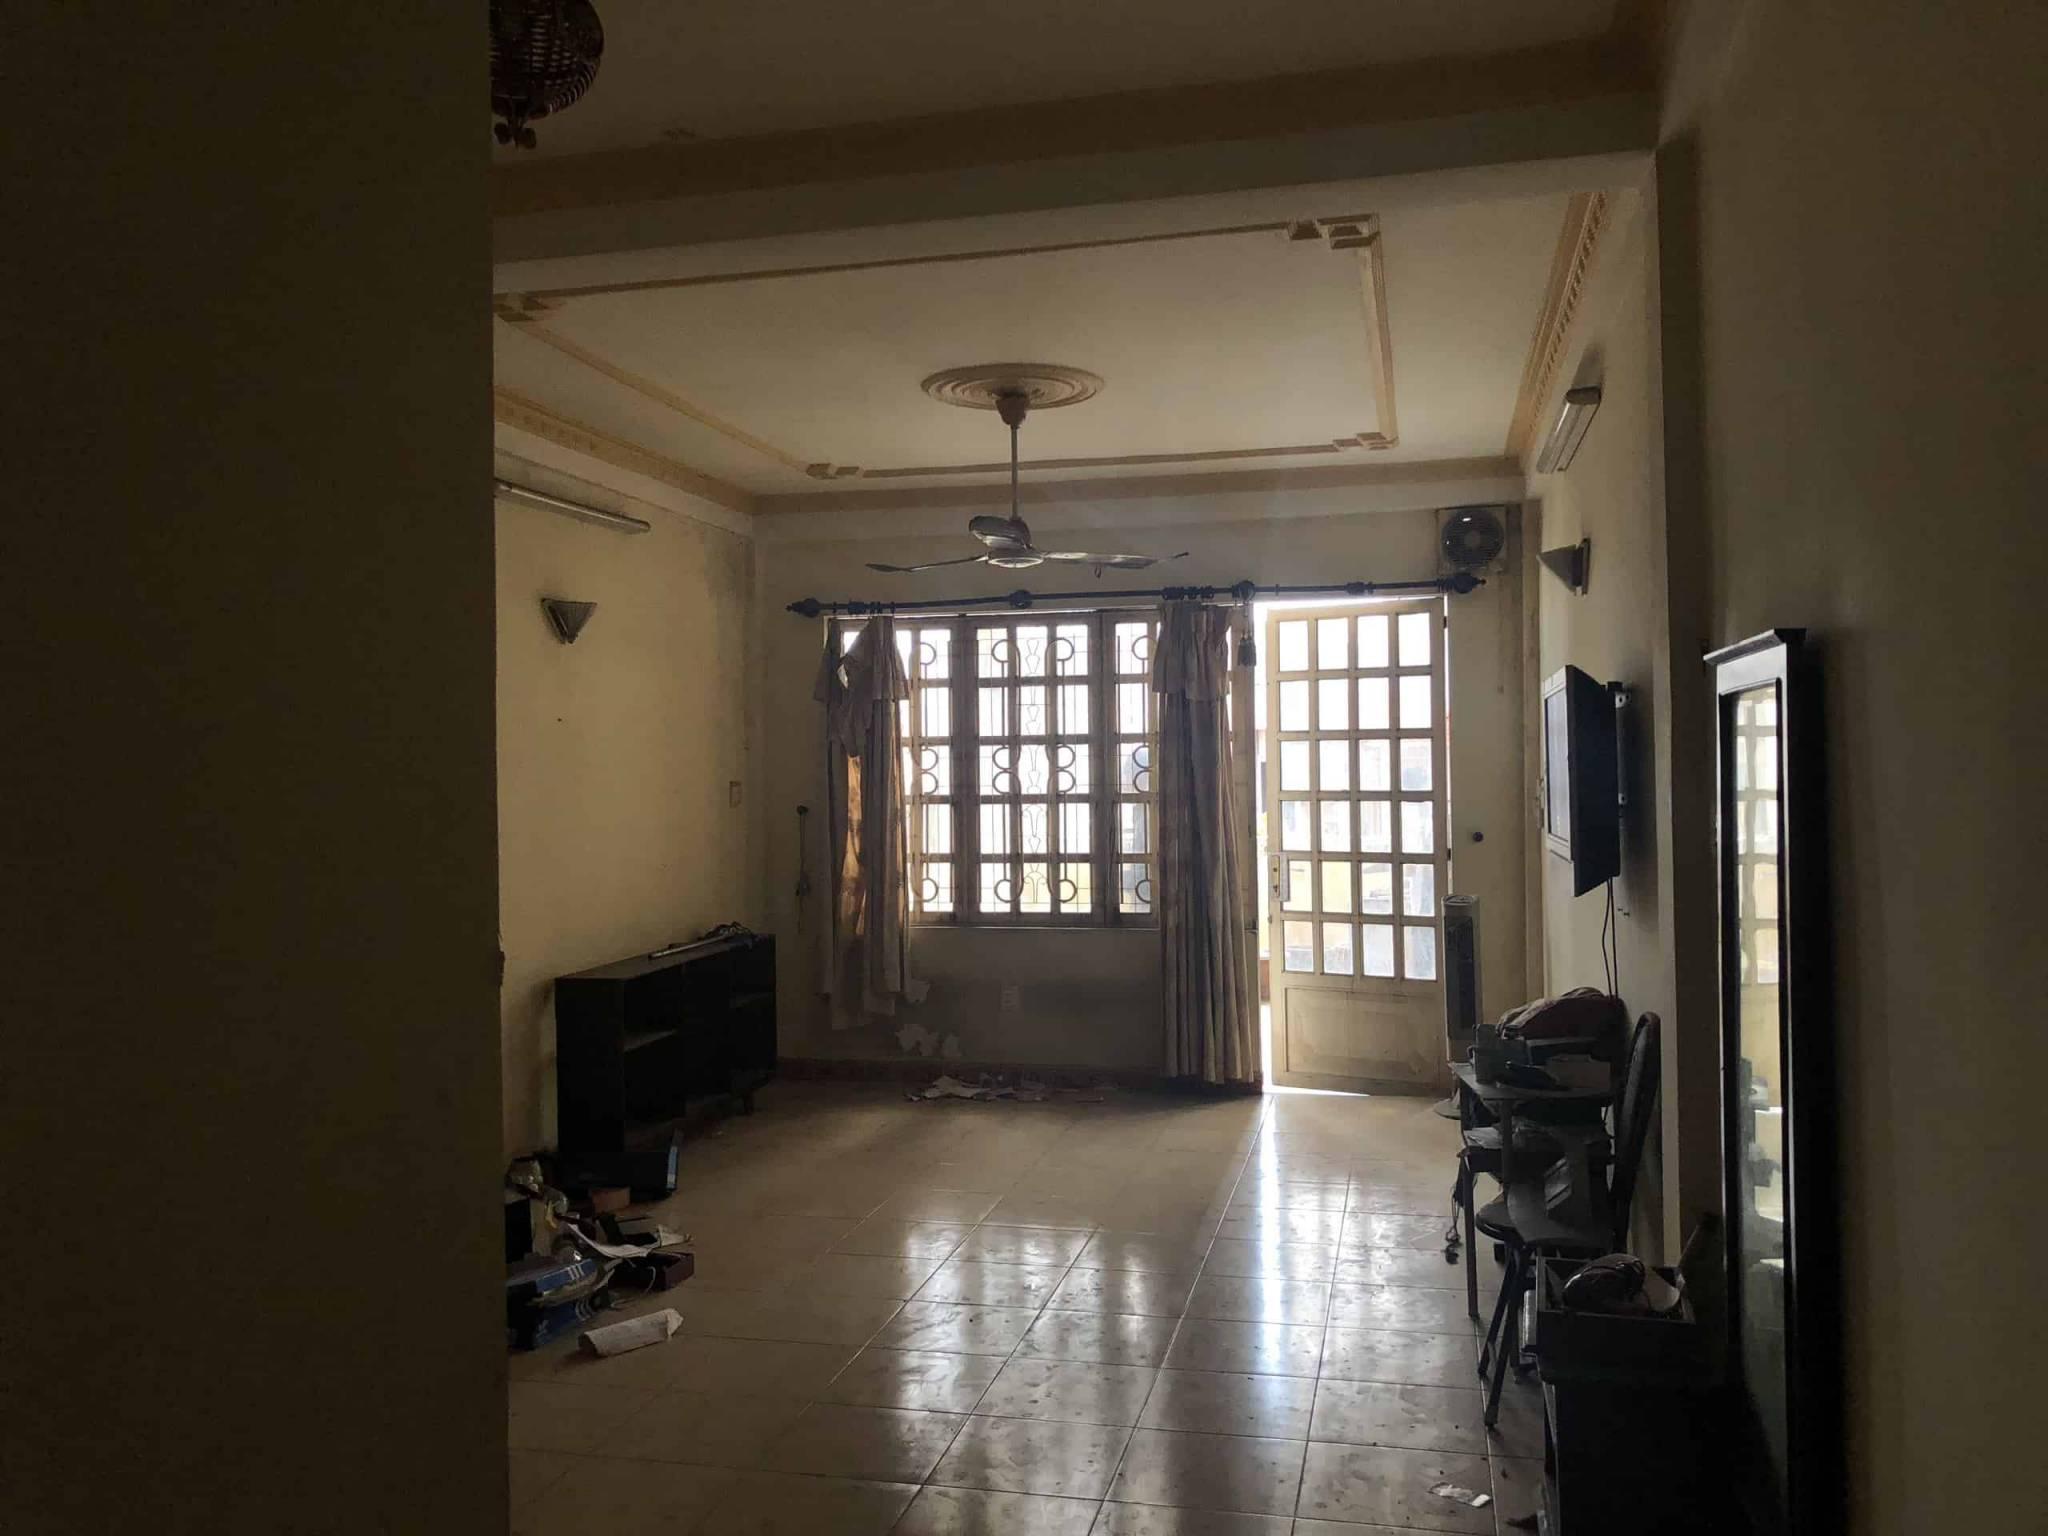 Đo vẽ hiện trạng, cải tạo căn hộ cho thuê Airbnb đường Mai Thị Lựu trước khi cải tạo 2